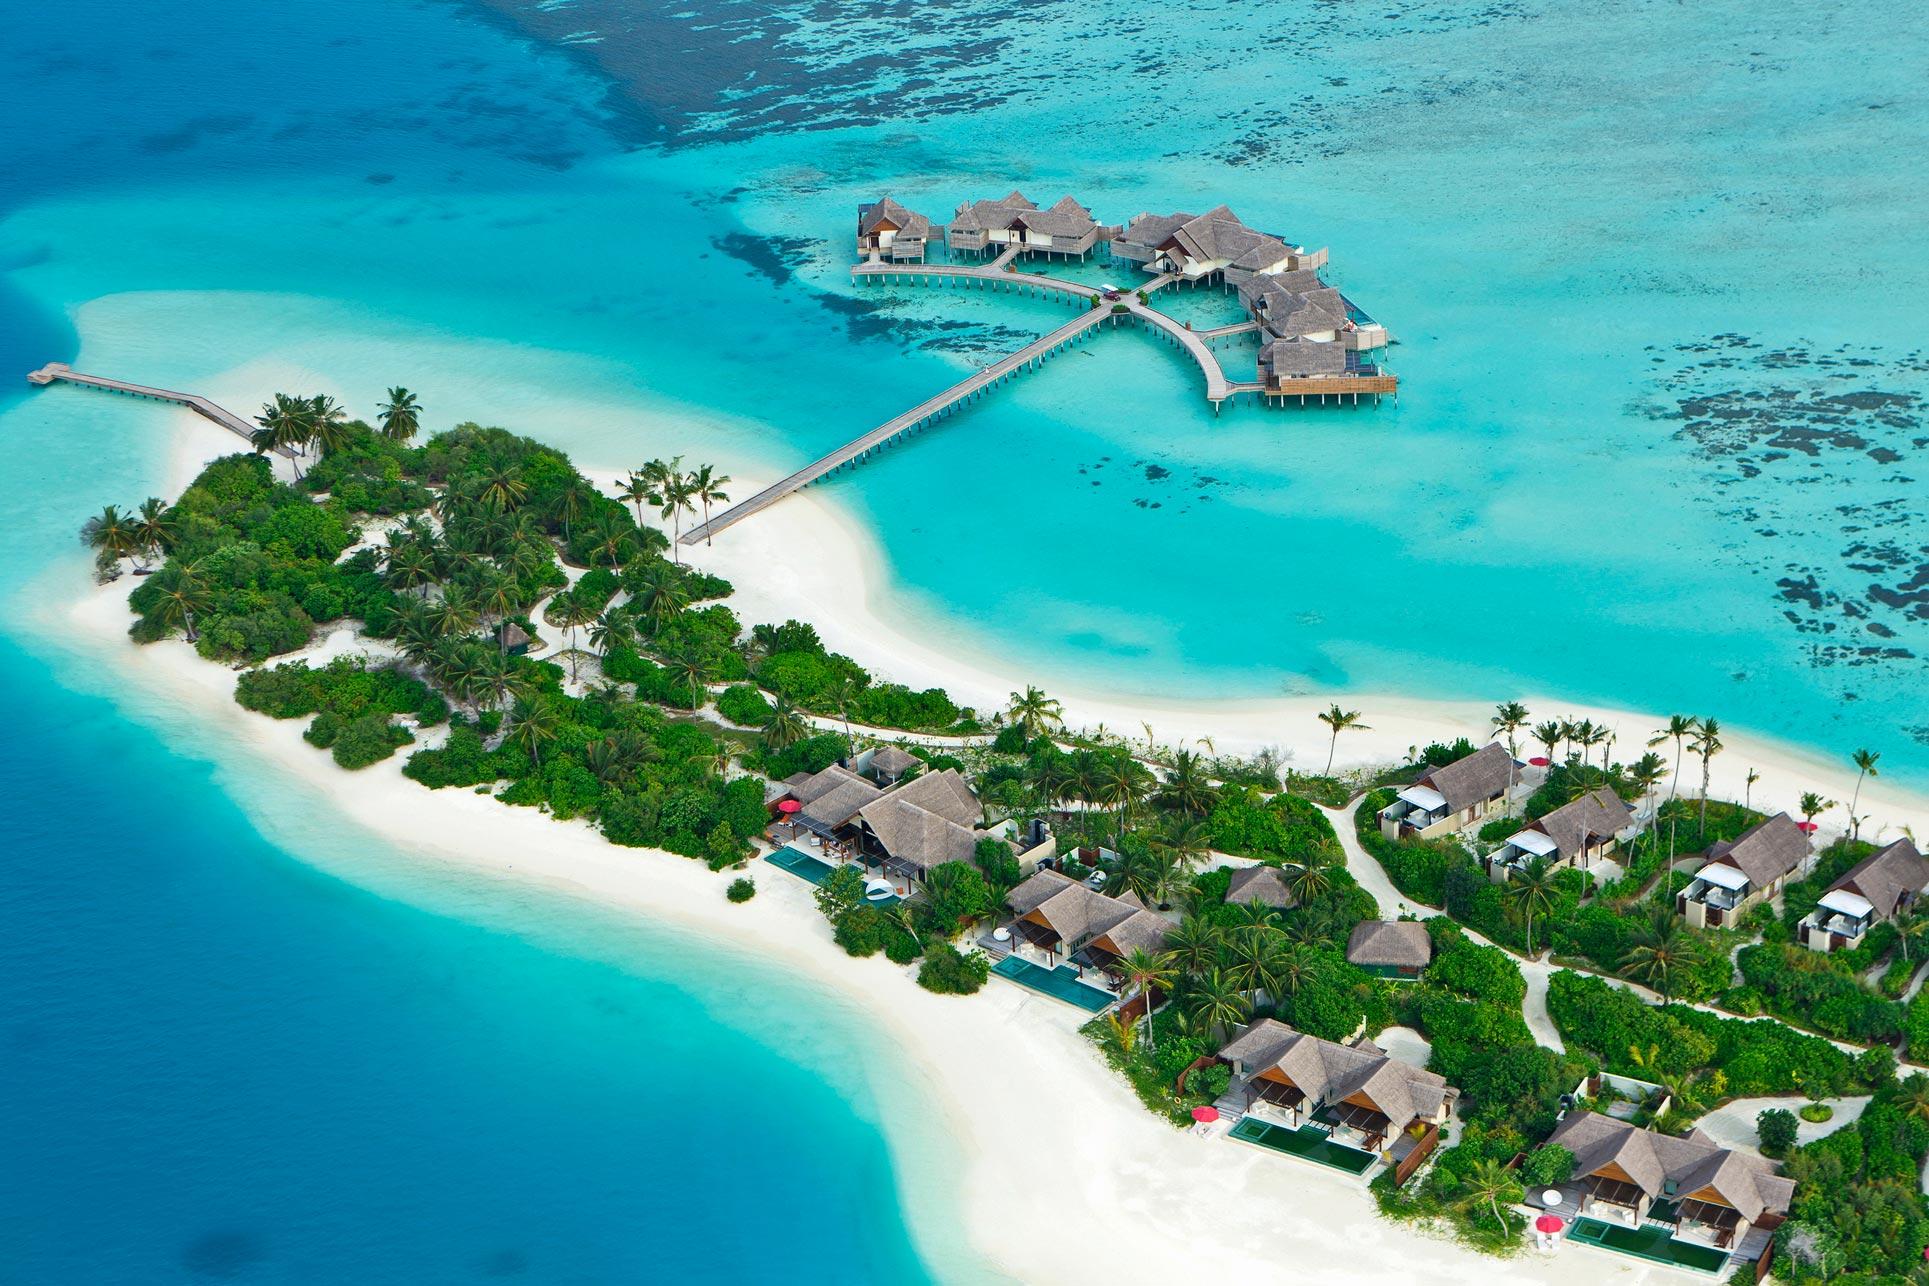 Maldives-Luxus-hotels-NIYAMA-Le-Mile-Magazine-Island.jpg